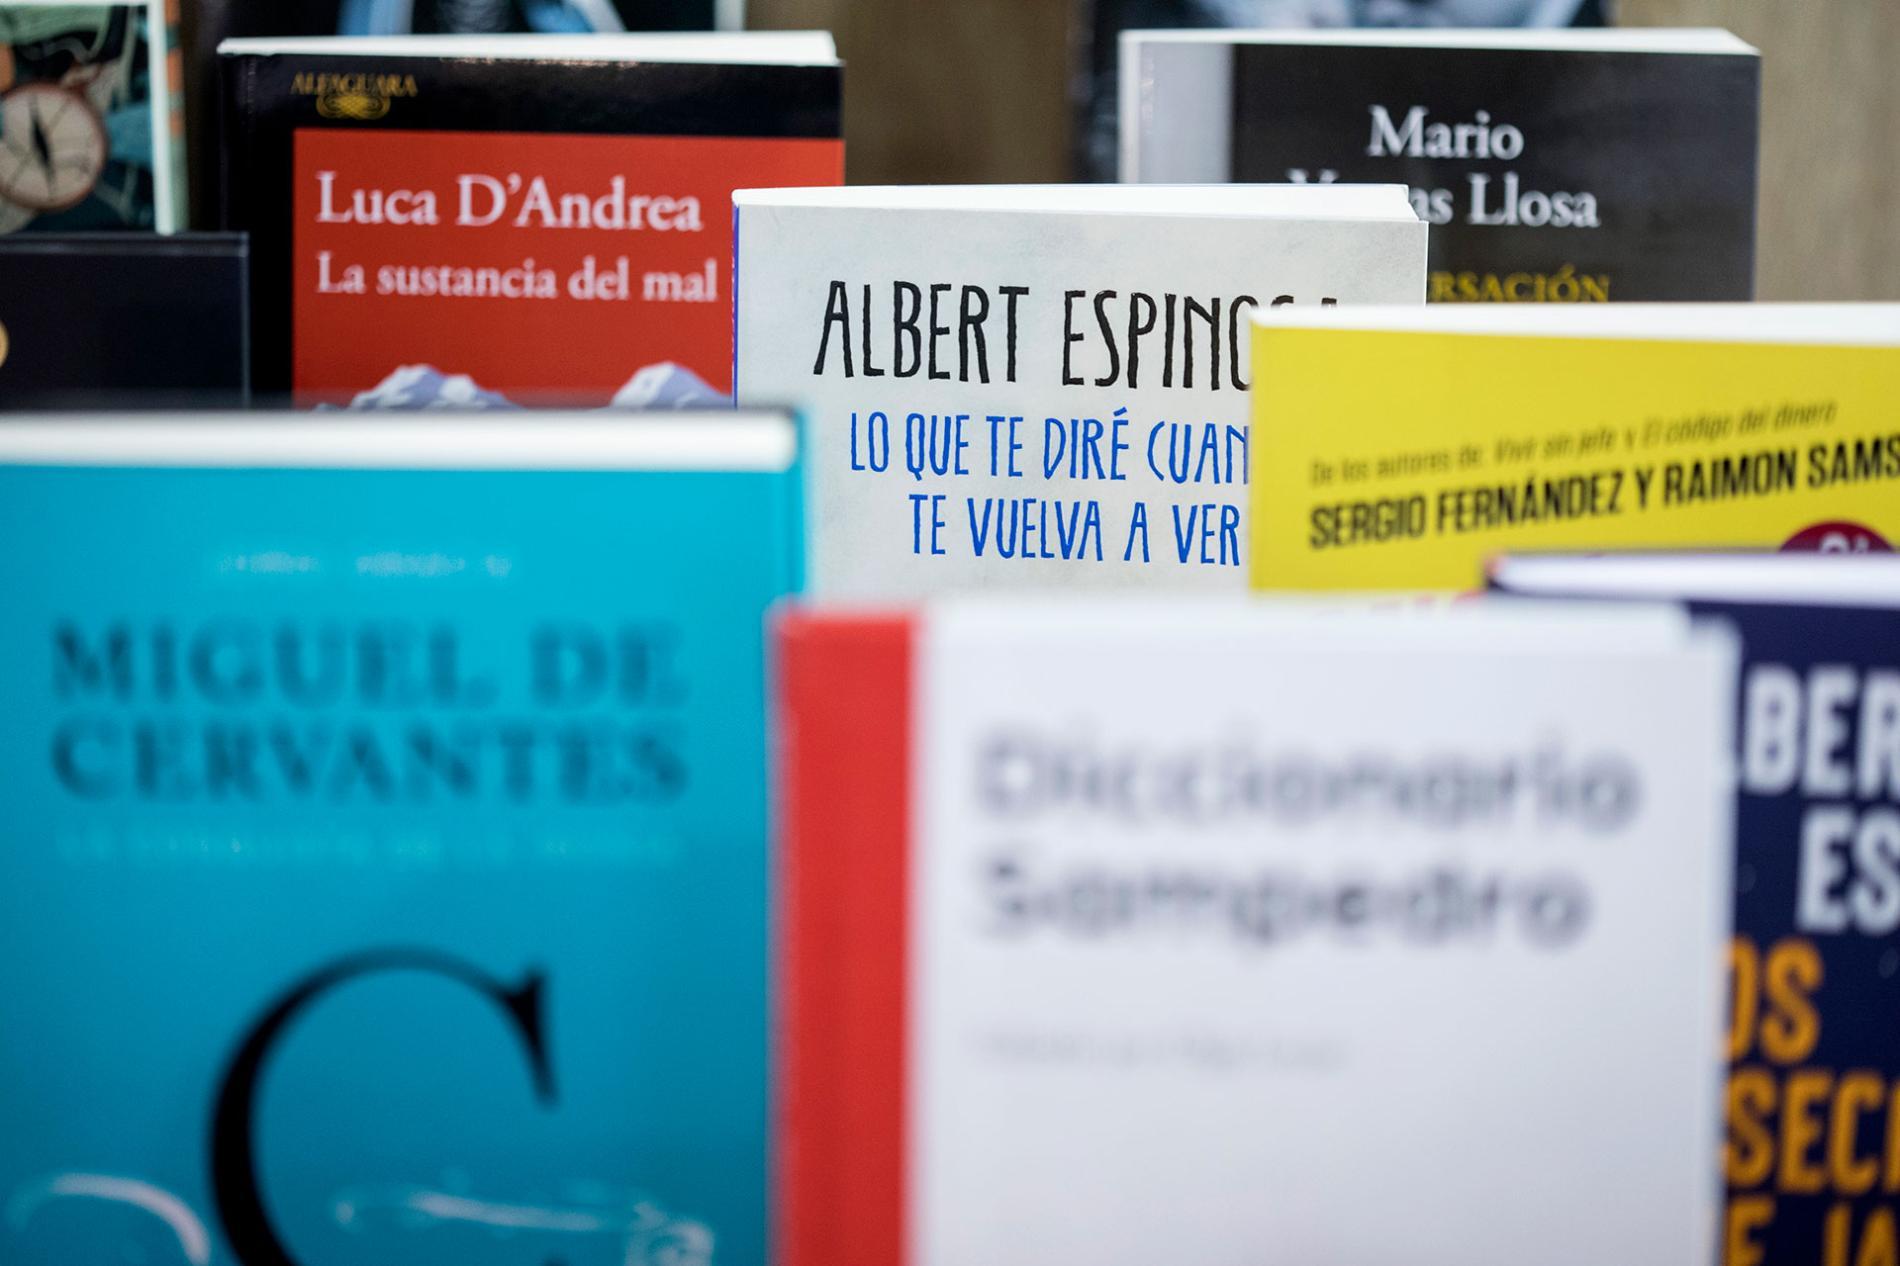 portadas de libros expuestos en liber